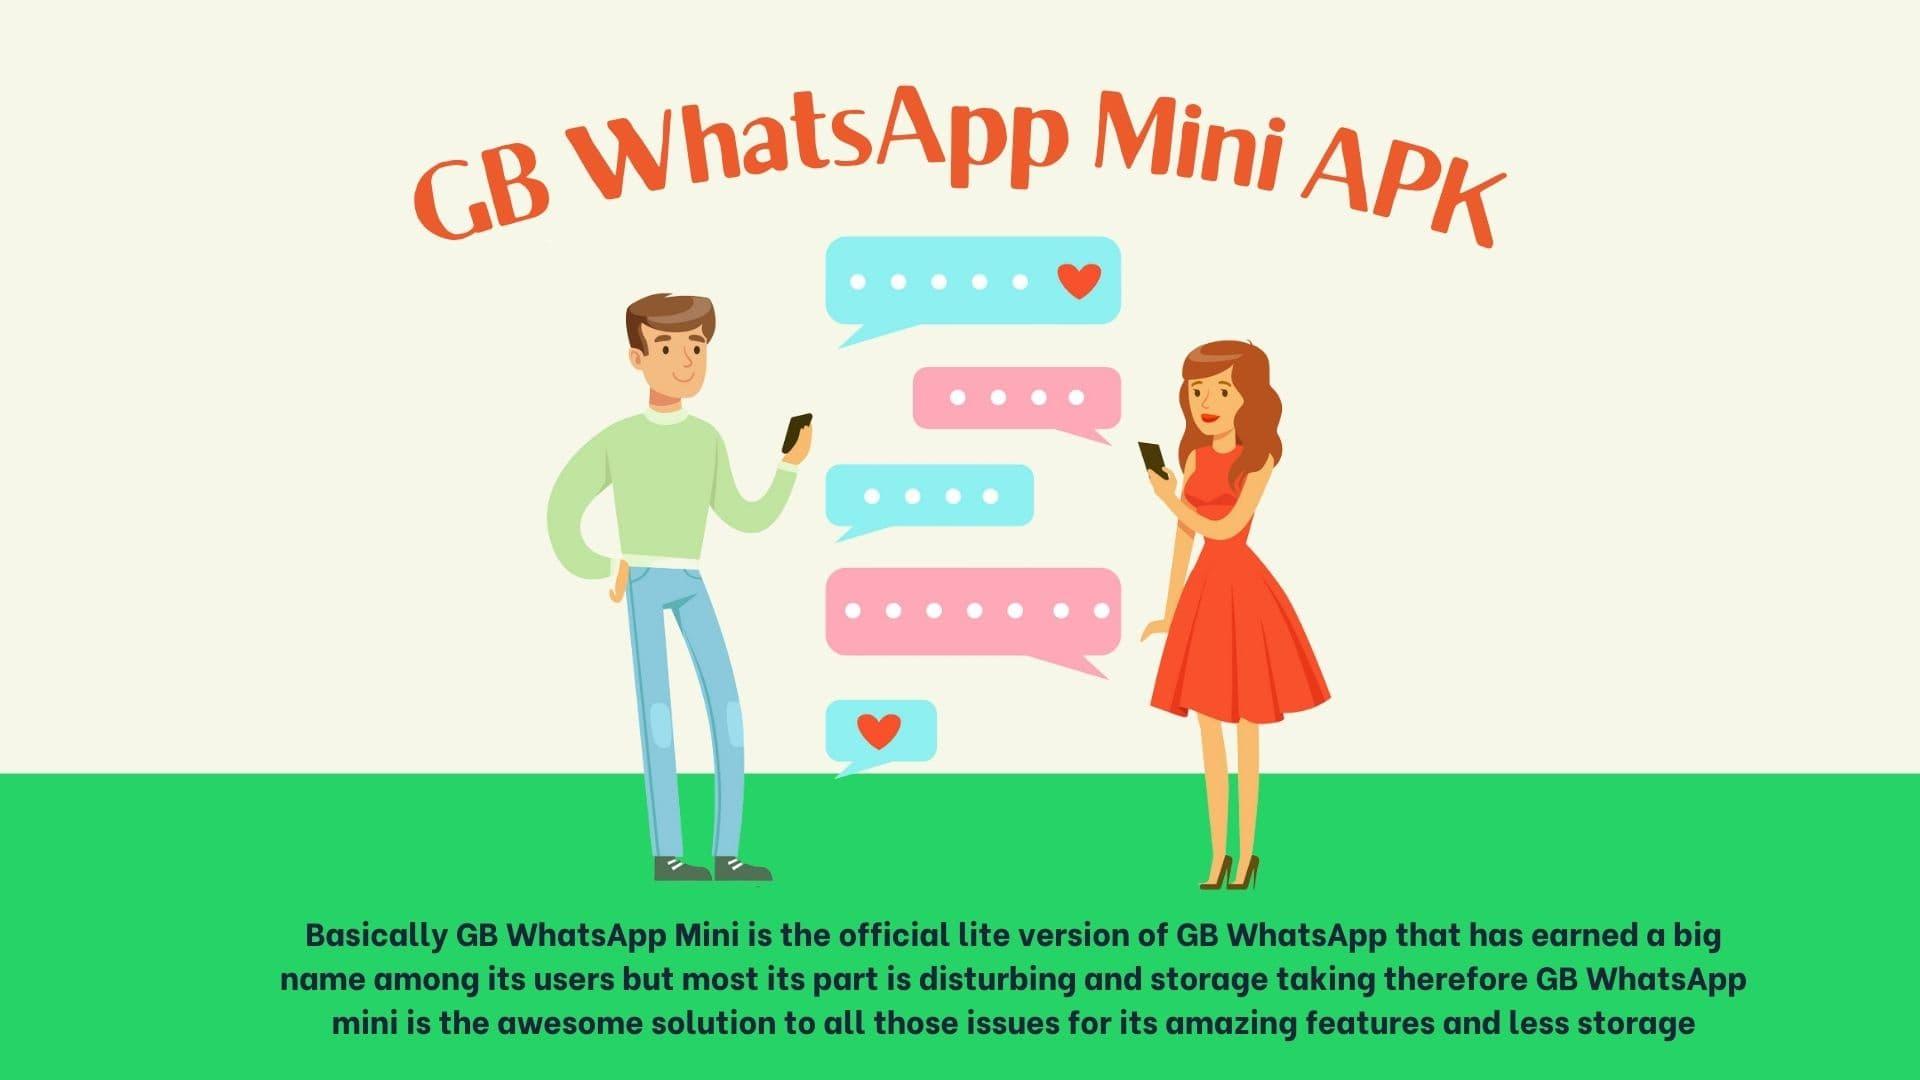 GB WhatsApp Mini APK